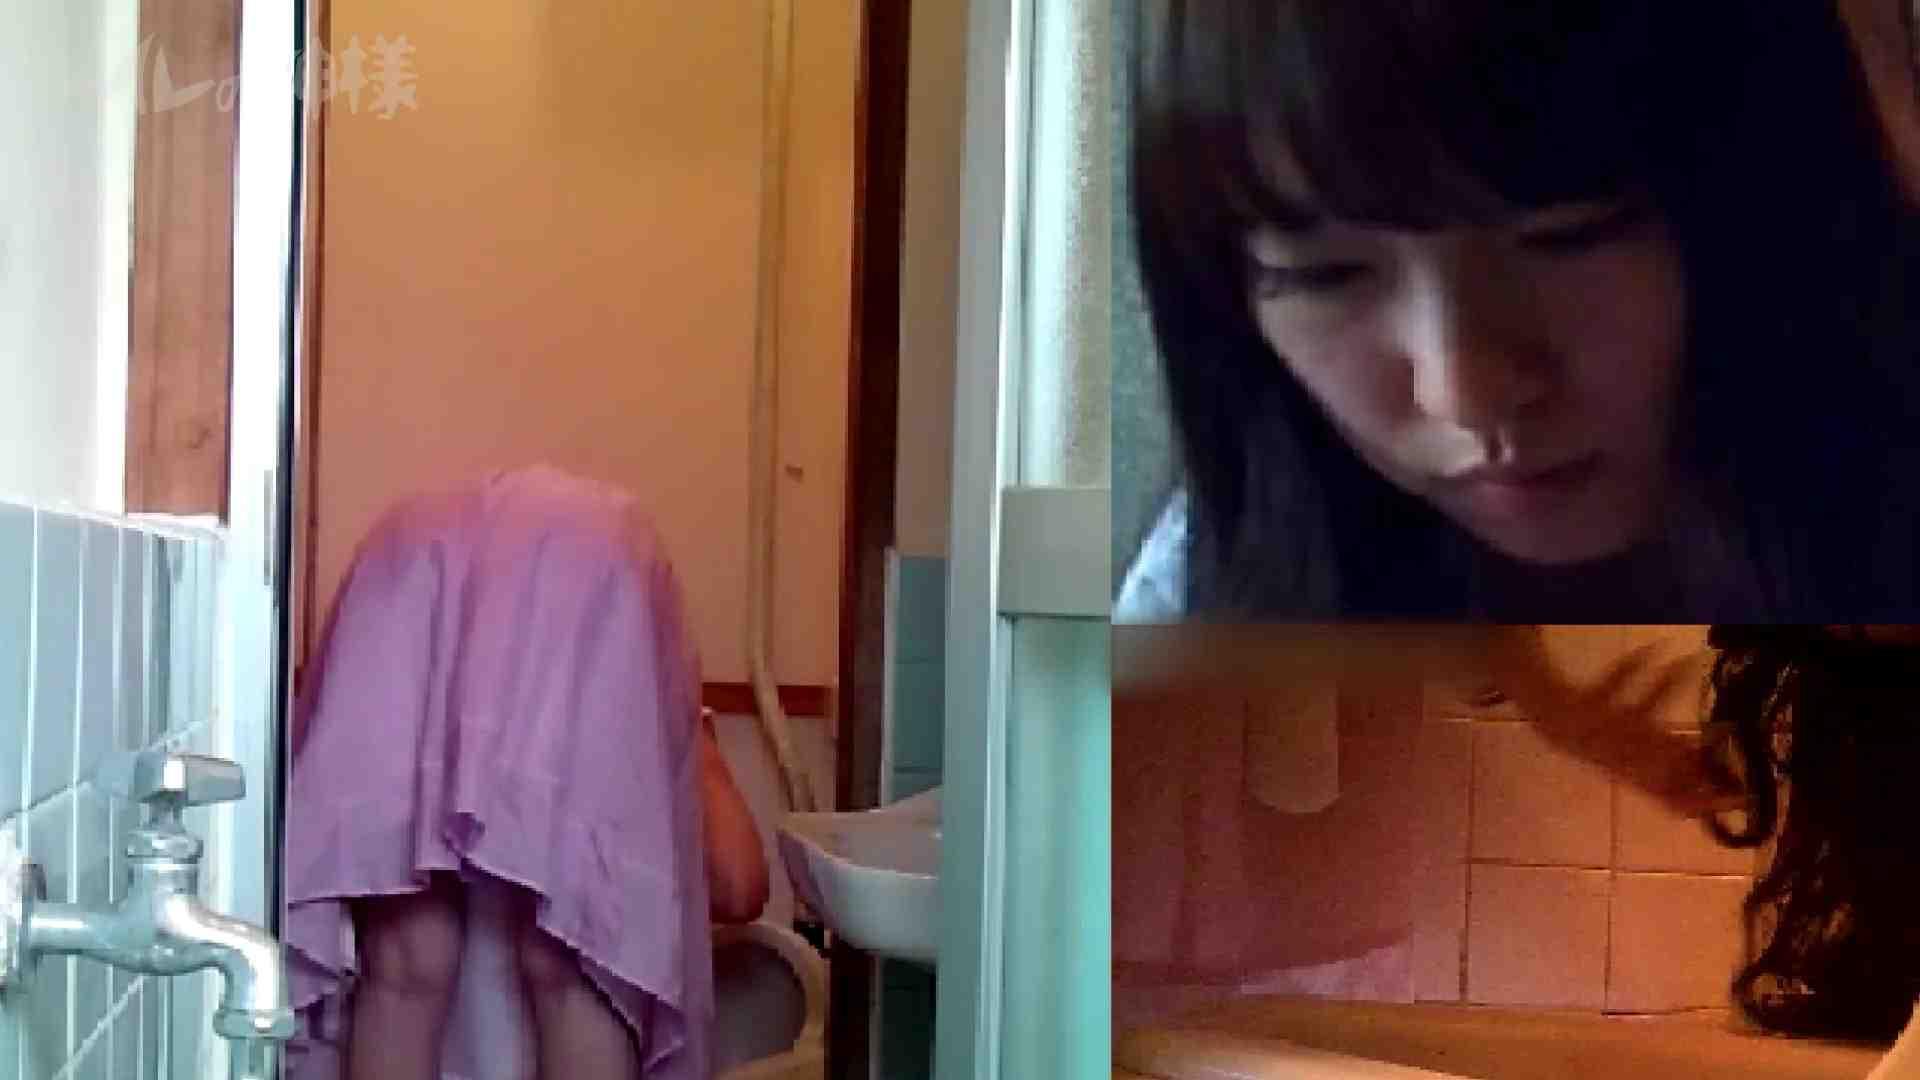 トイレの神様 Vol.09 美女のGEBOきれいに撮っています 美女達のヌード | トイレ中  75連発 70